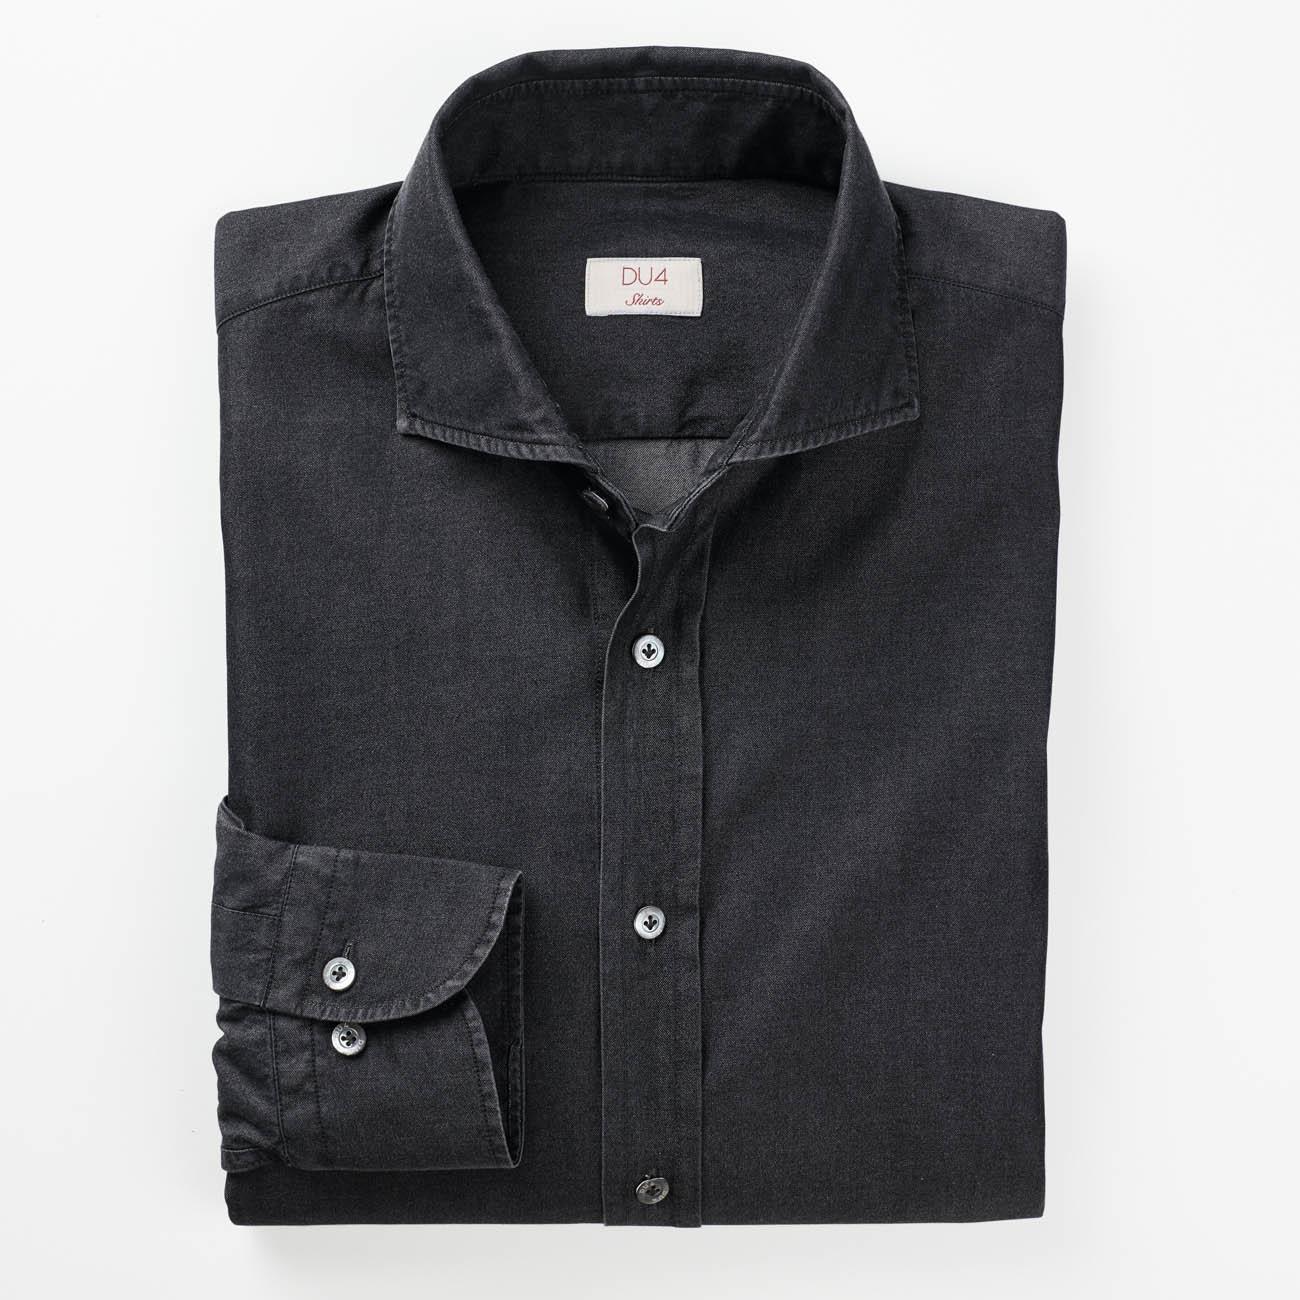 dufour edel jeanshemd mode klassiker entdecken. Black Bedroom Furniture Sets. Home Design Ideas